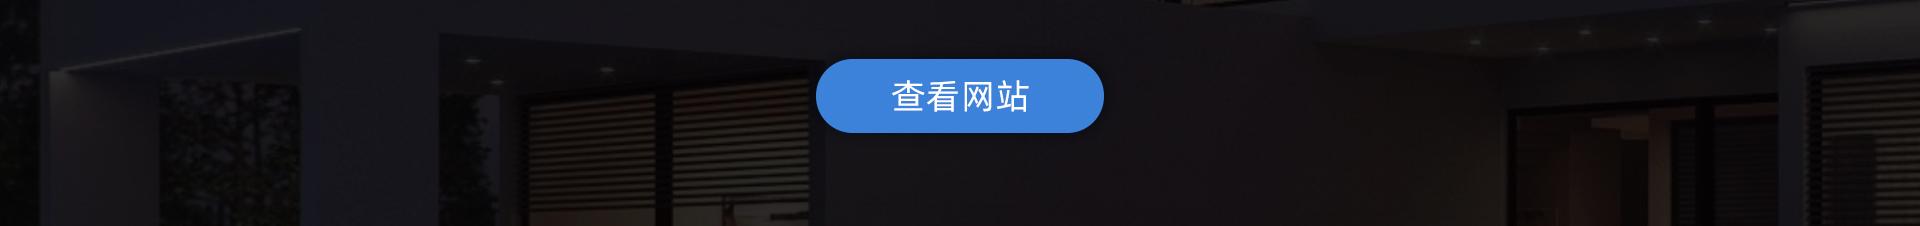 徐龙歌-徐龙歌2_02